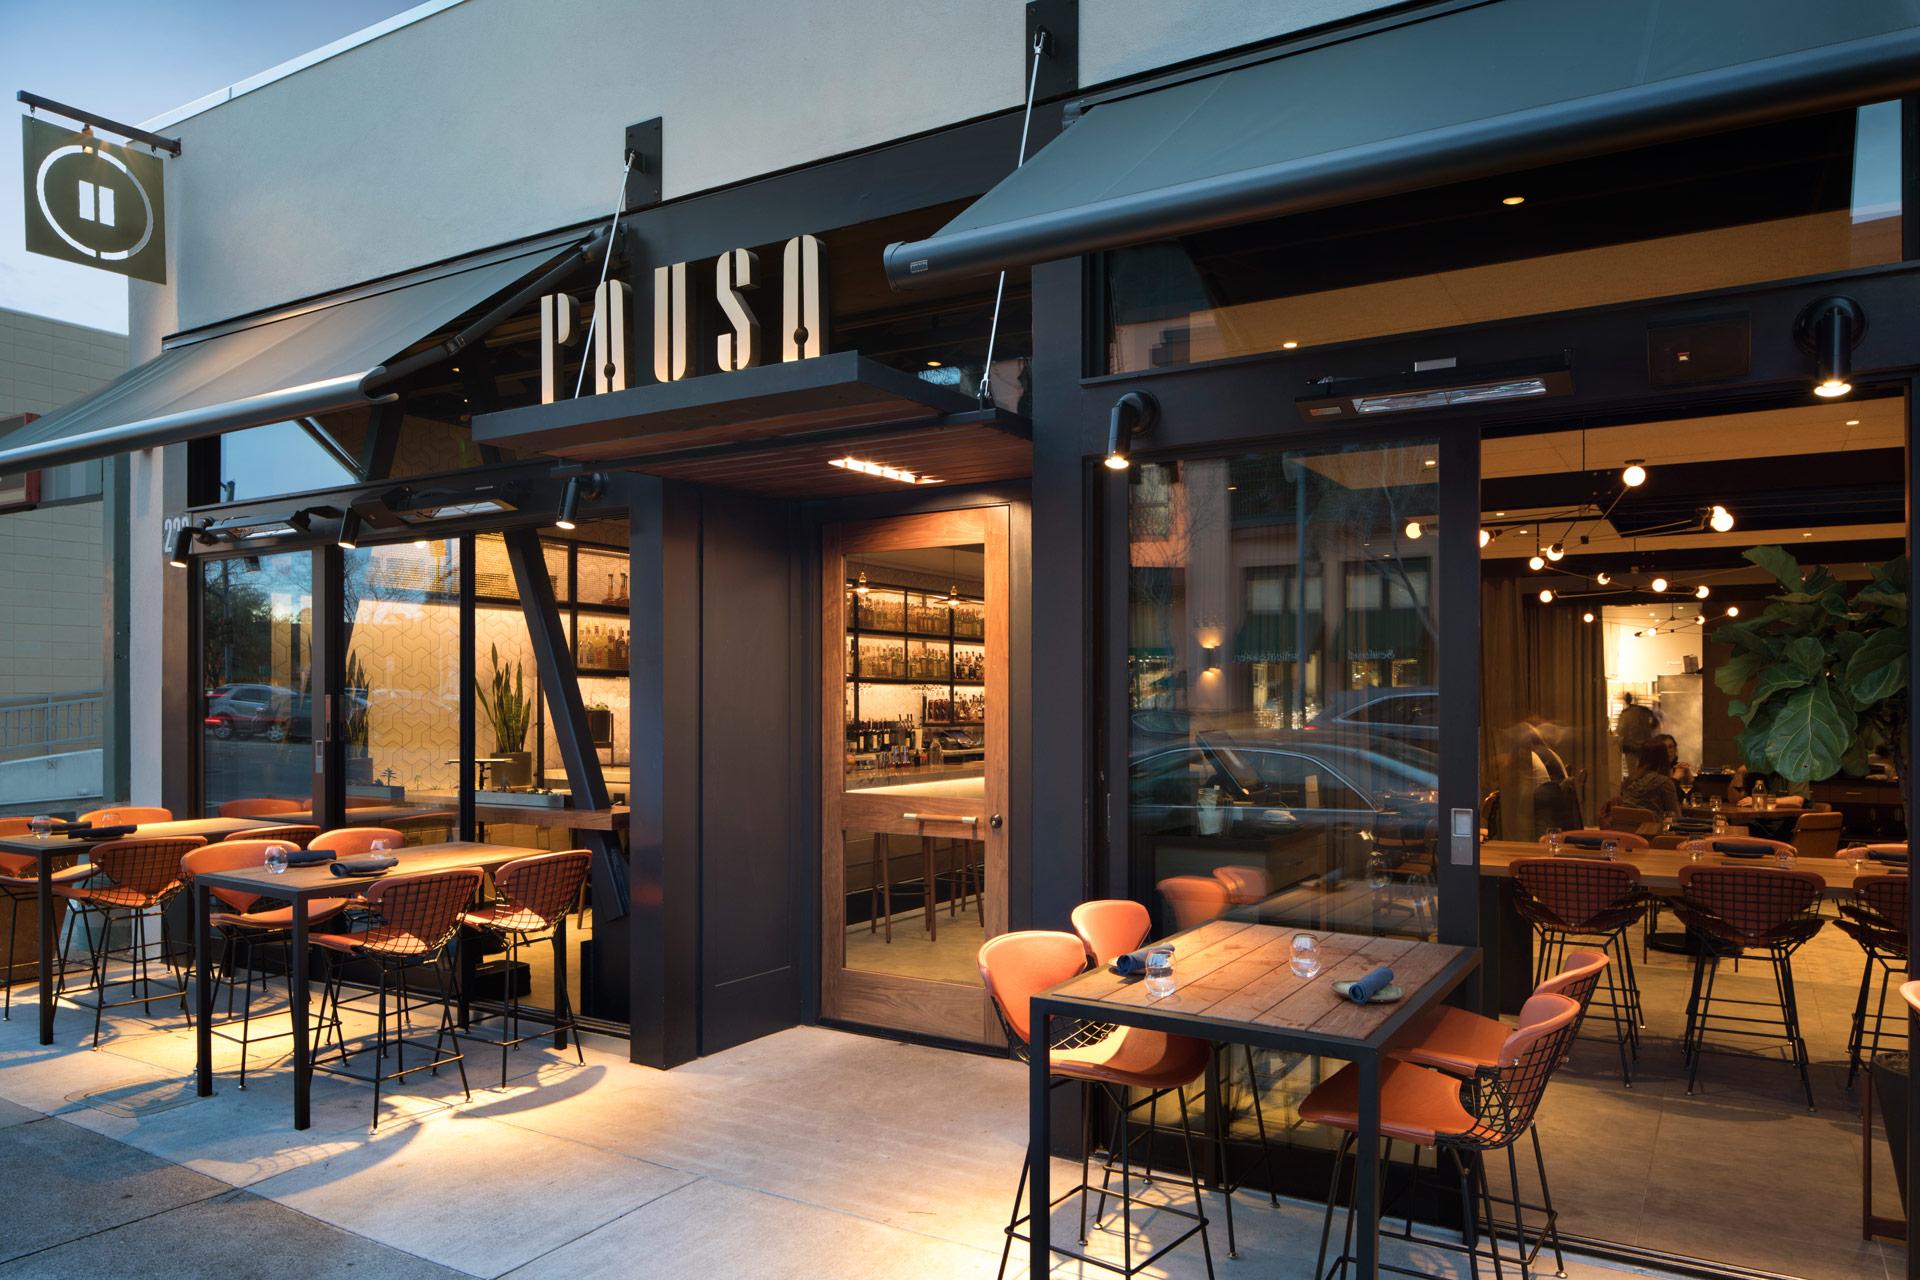 Pausa Bar & Cookery restaurant